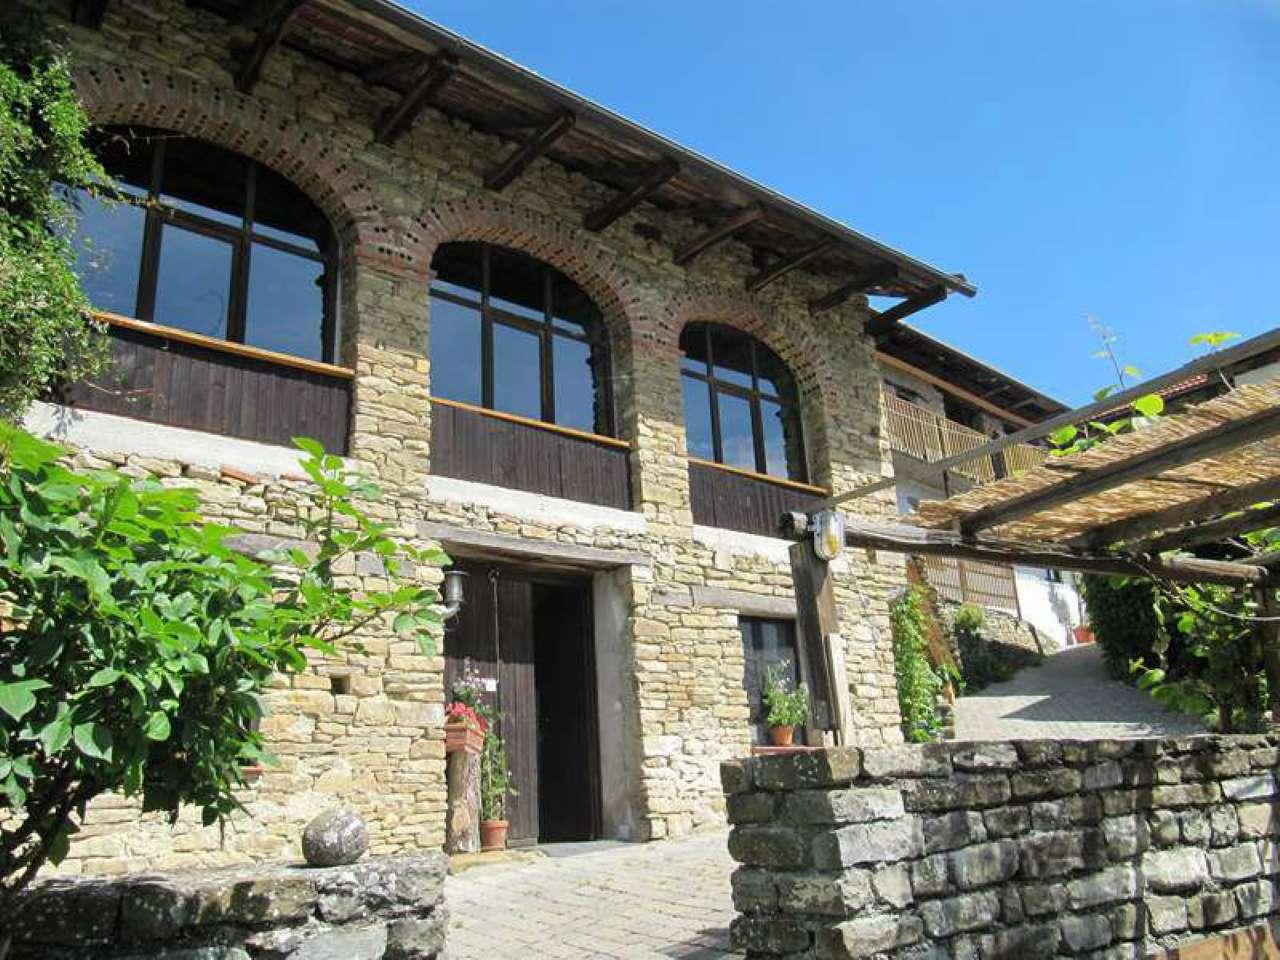 Rustico / Casale in vendita a Cortemilia, 20 locali, prezzo € 390.000 | Cambio Casa.it